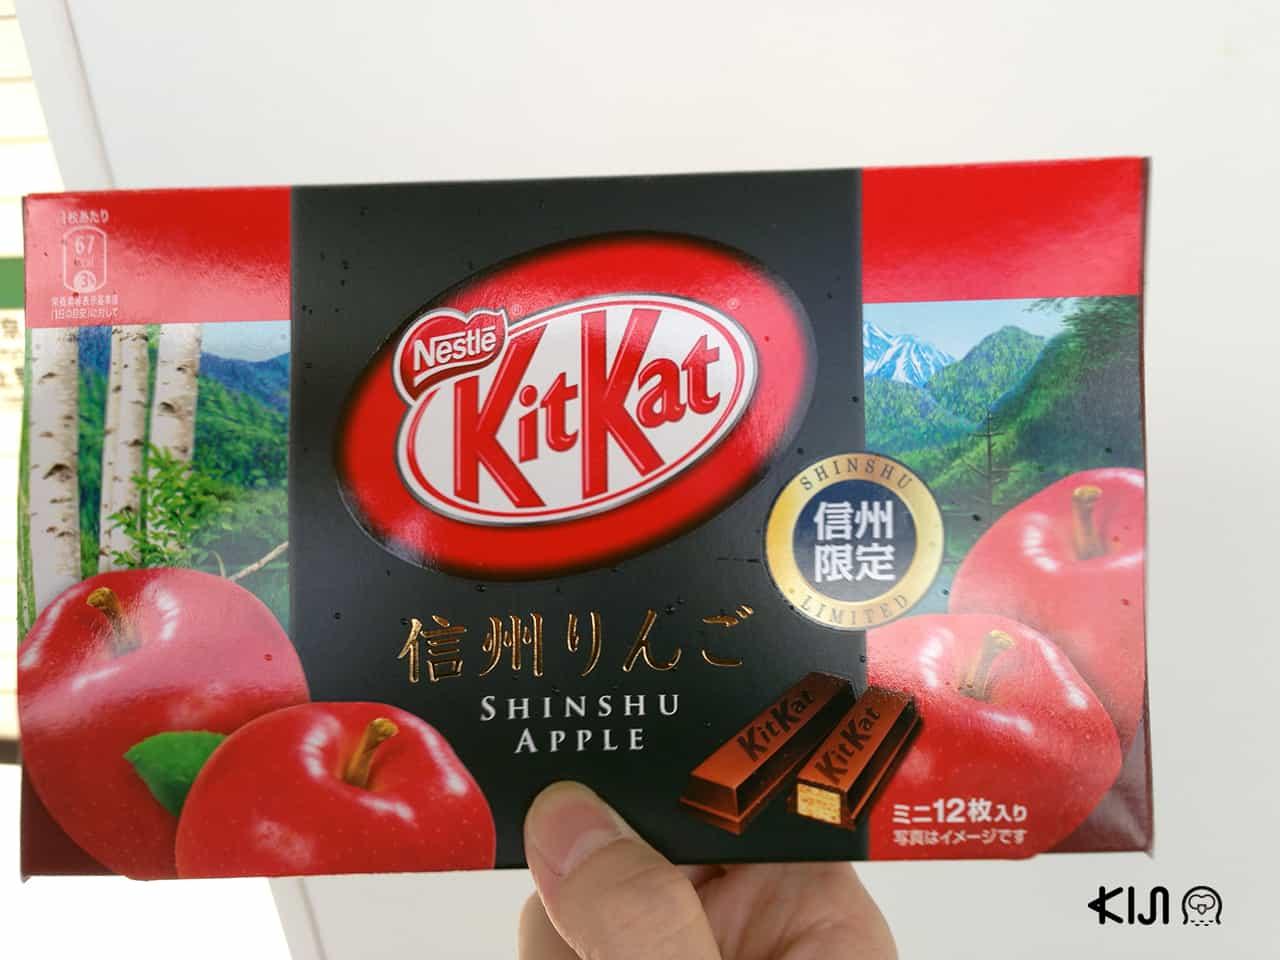 Kit Kat รสชาติเฉพาะภูมิภาคก็หาซื้อได้ที่ Old Karuizawa Ginza Street